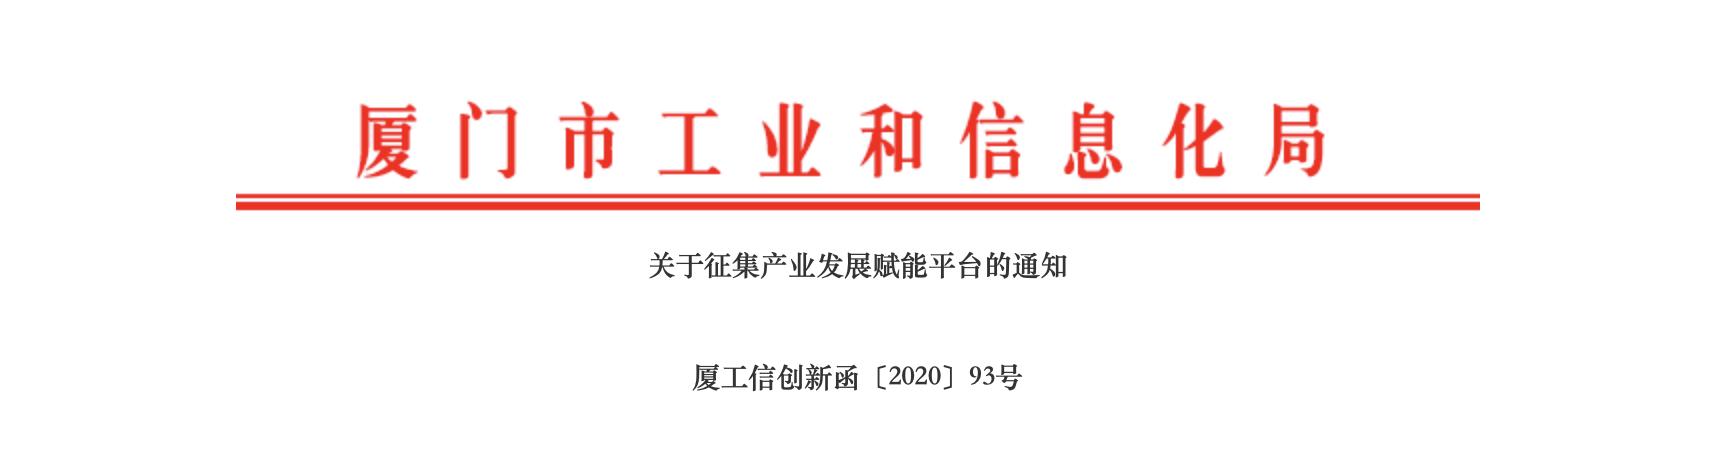 """厦门市工信局向社会征集""""产业发展赋能平台"""" 申报截止11月20日"""